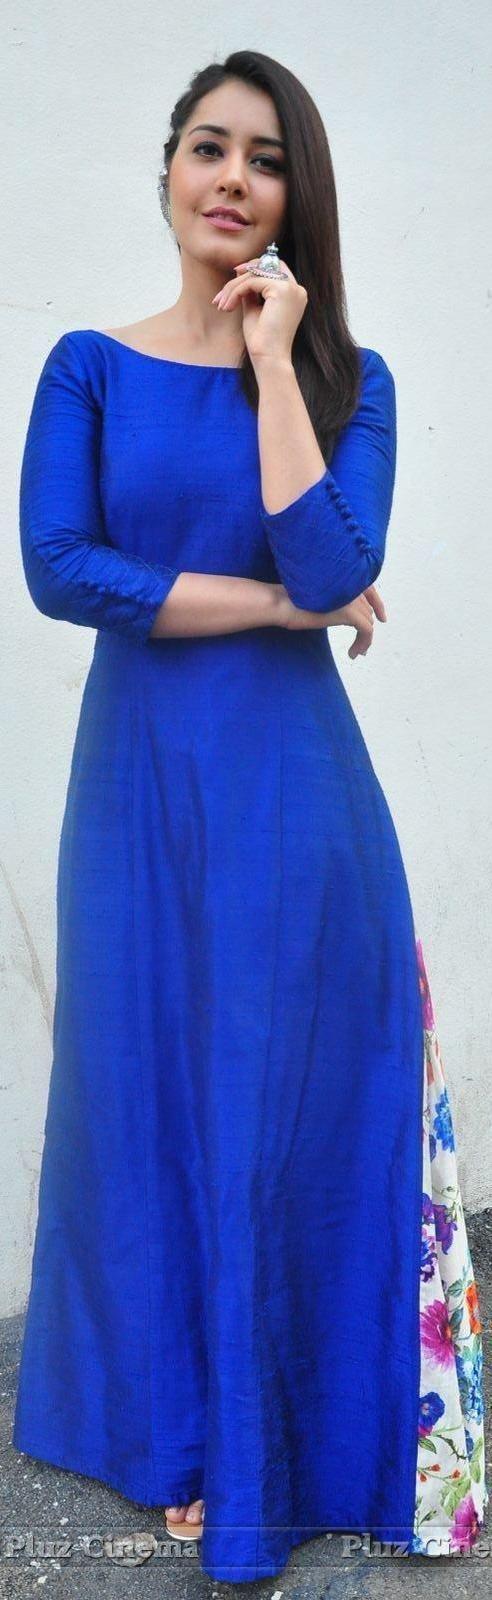 """Raashi khanna in a long blue suit. """"Pinterest: @Littlehub"""" ༻♡ღღ ~kurti Inspirations╭✧❤"""""""